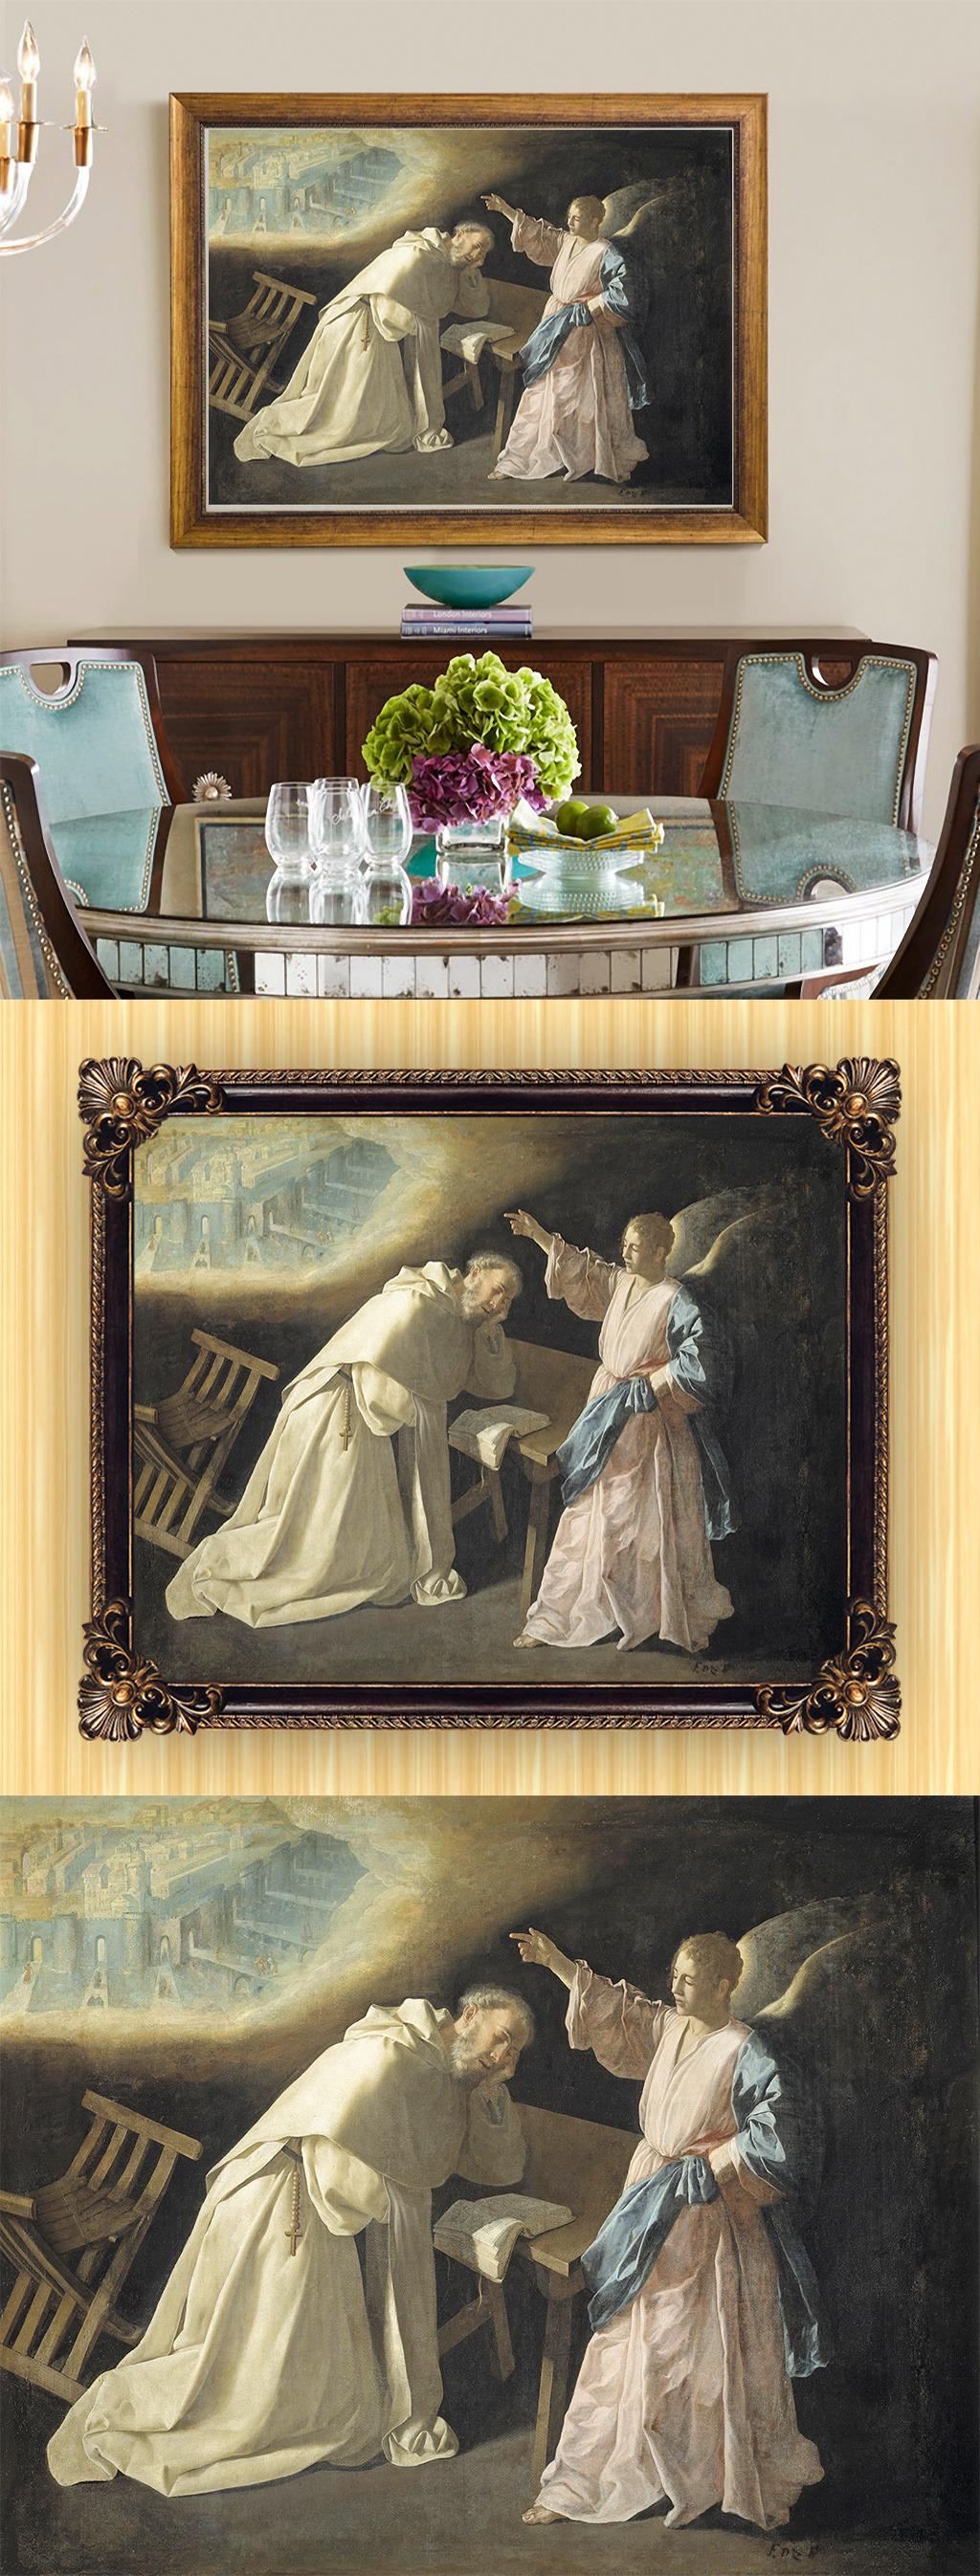 高清手绘欧式古典写实风格天使油画